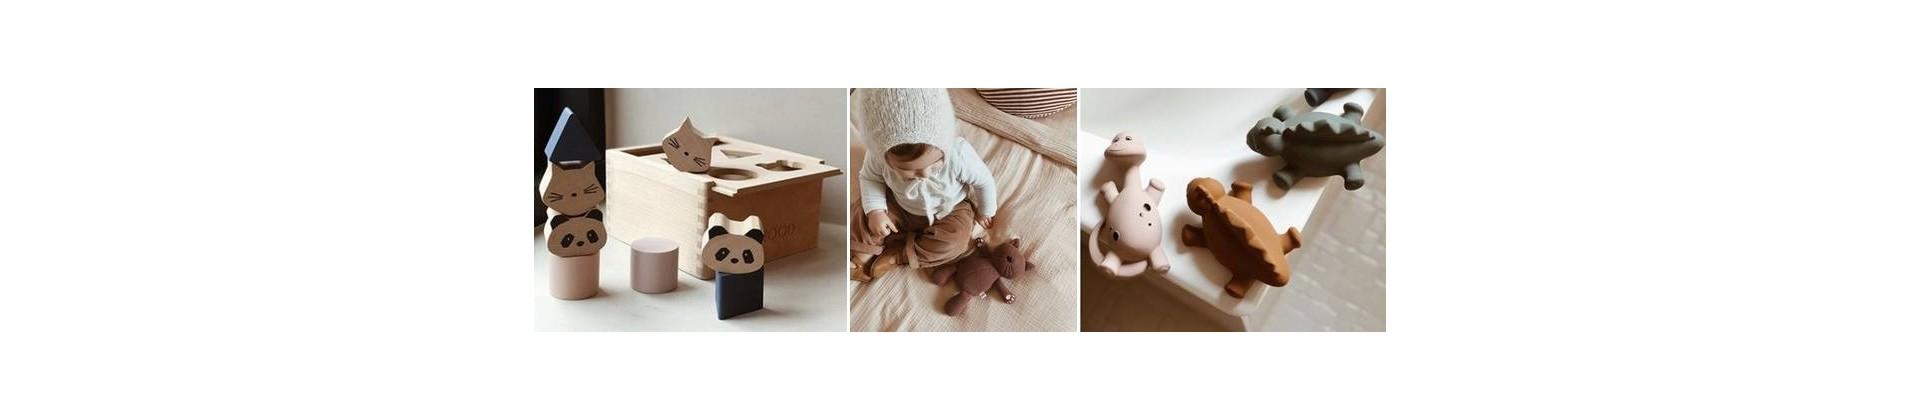 Jouet bébé original : jouets bébé design de la naissance à 24 mois